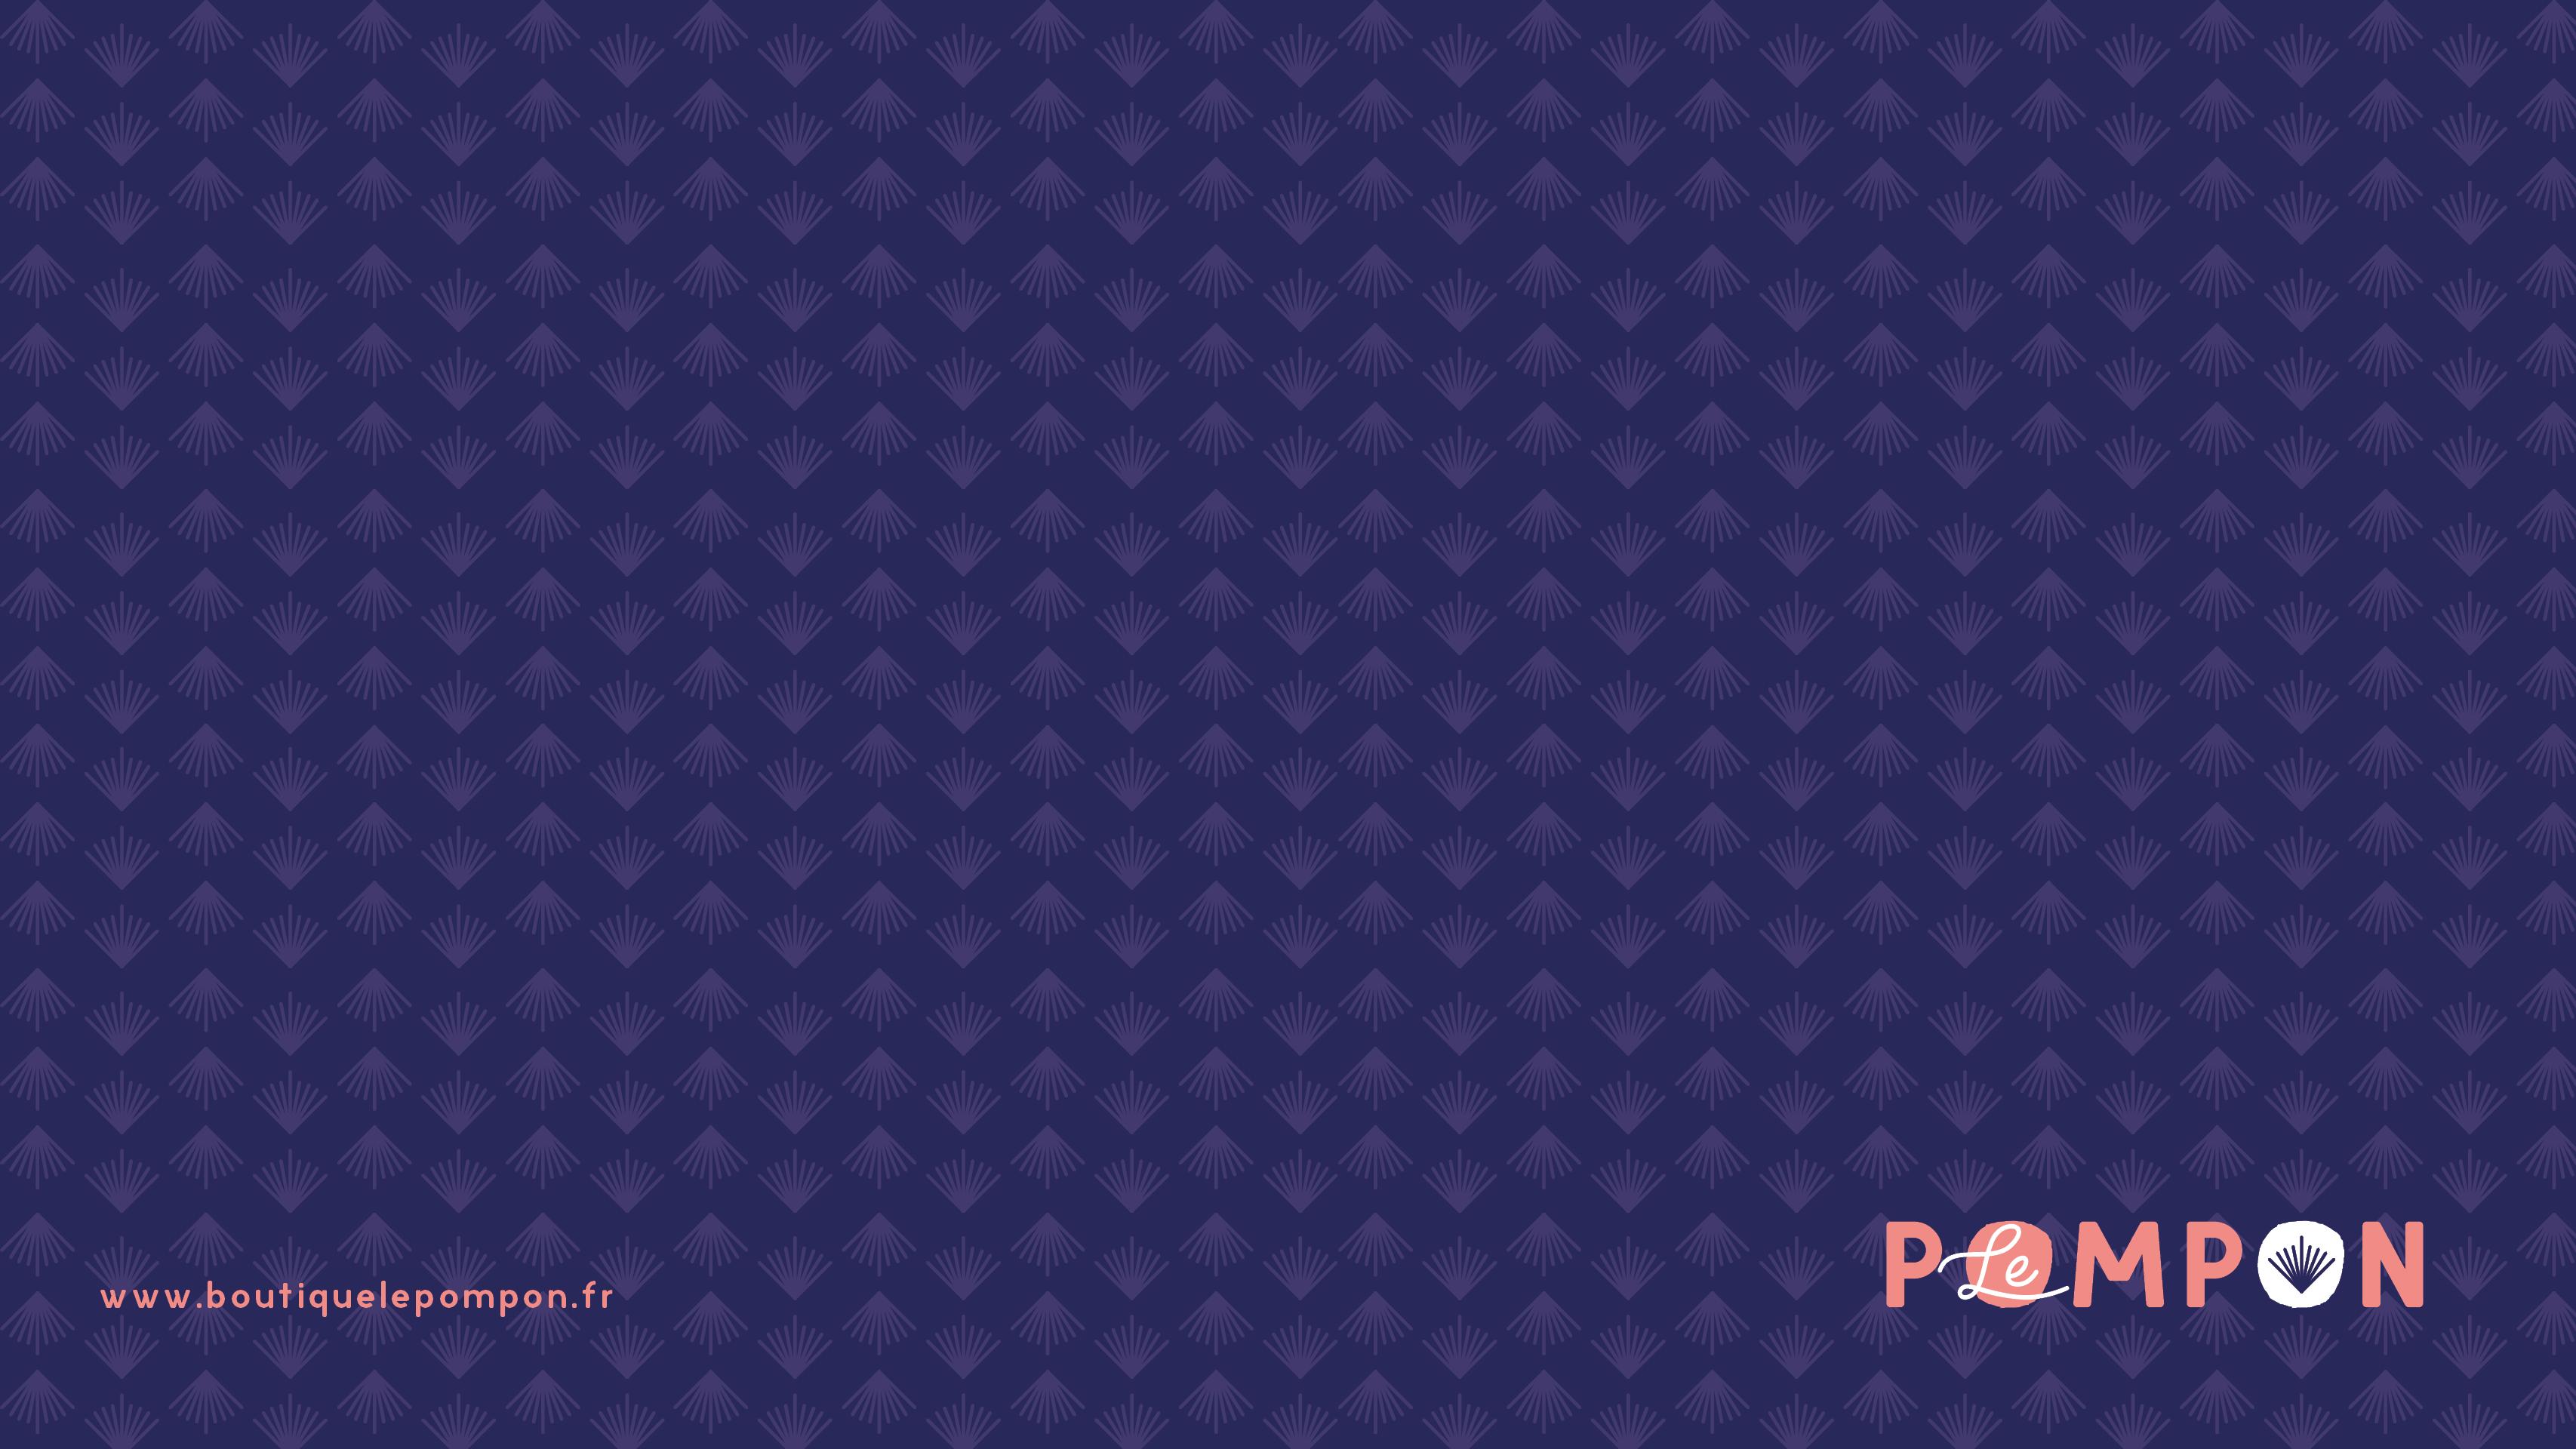 pompon_fdecran_2560x1440px1.png